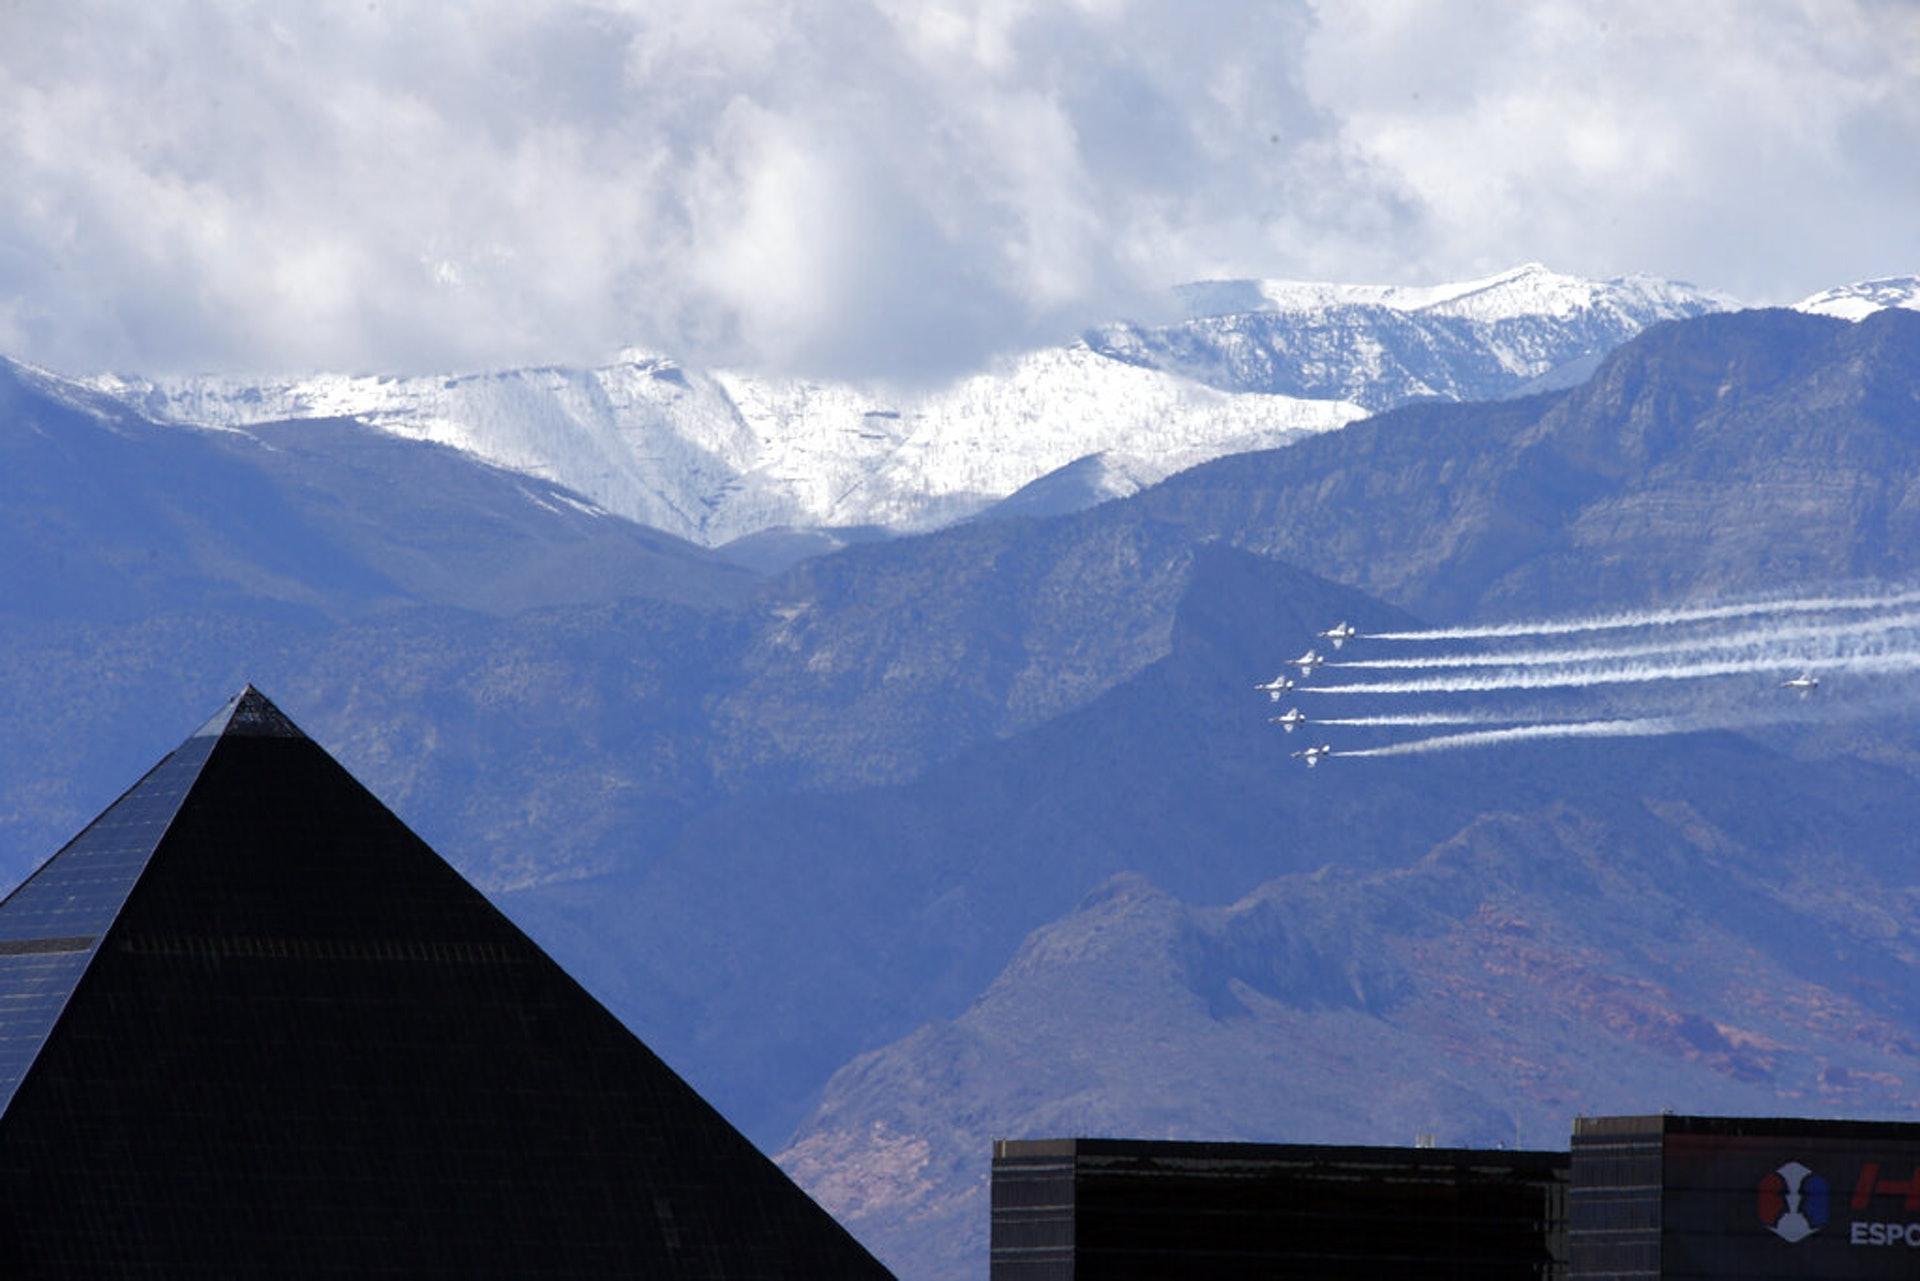 美國新冠肺炎疫情:美國空軍雷鳥飛行表演隊4月11日在拉斯維加斯進行飛行表演,以此顯示他們對前線醫護人員和急救人員的支持。(AP)